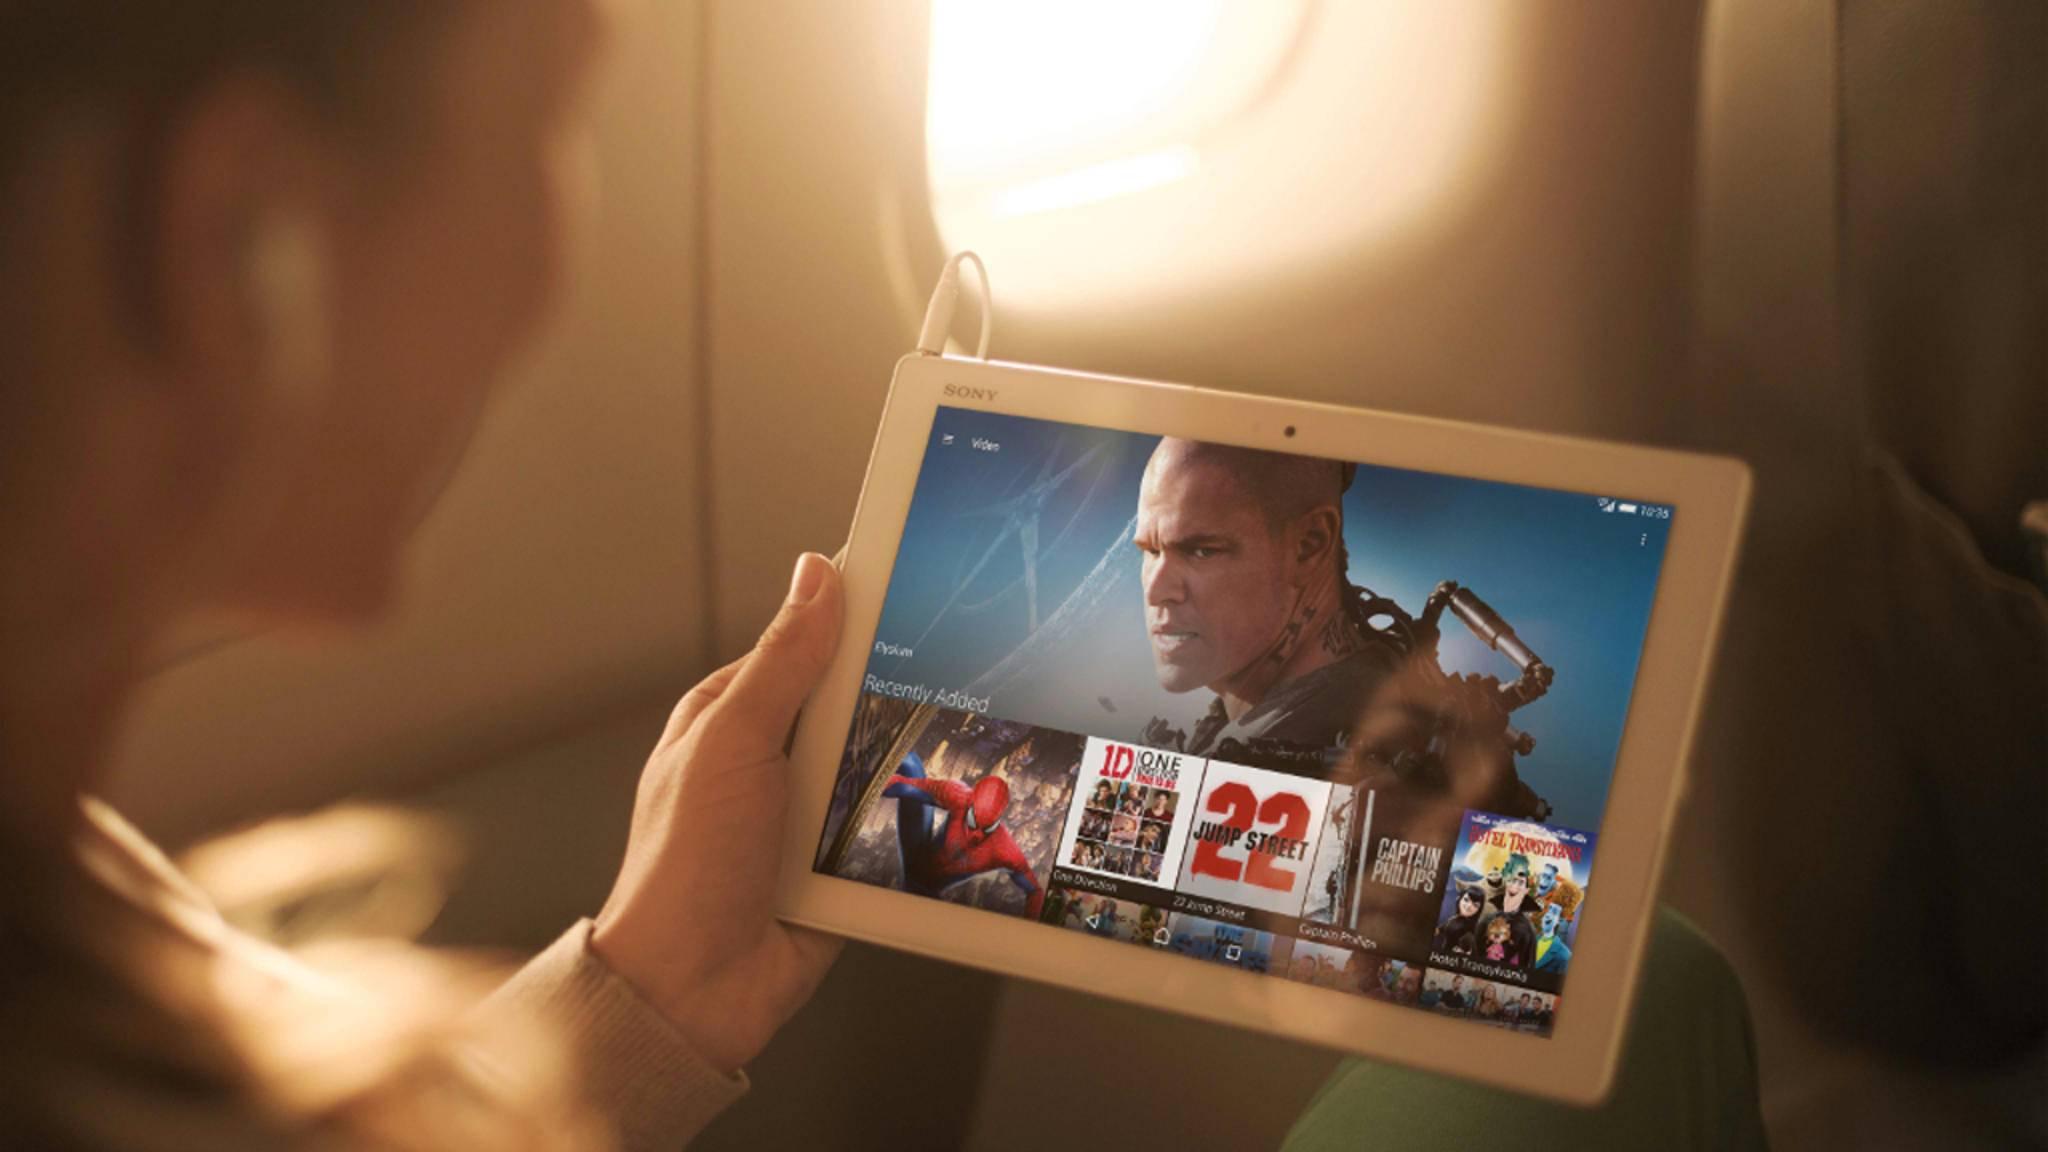 Mit der richtigen App wird das Android-Tablet zum Mediengerät.